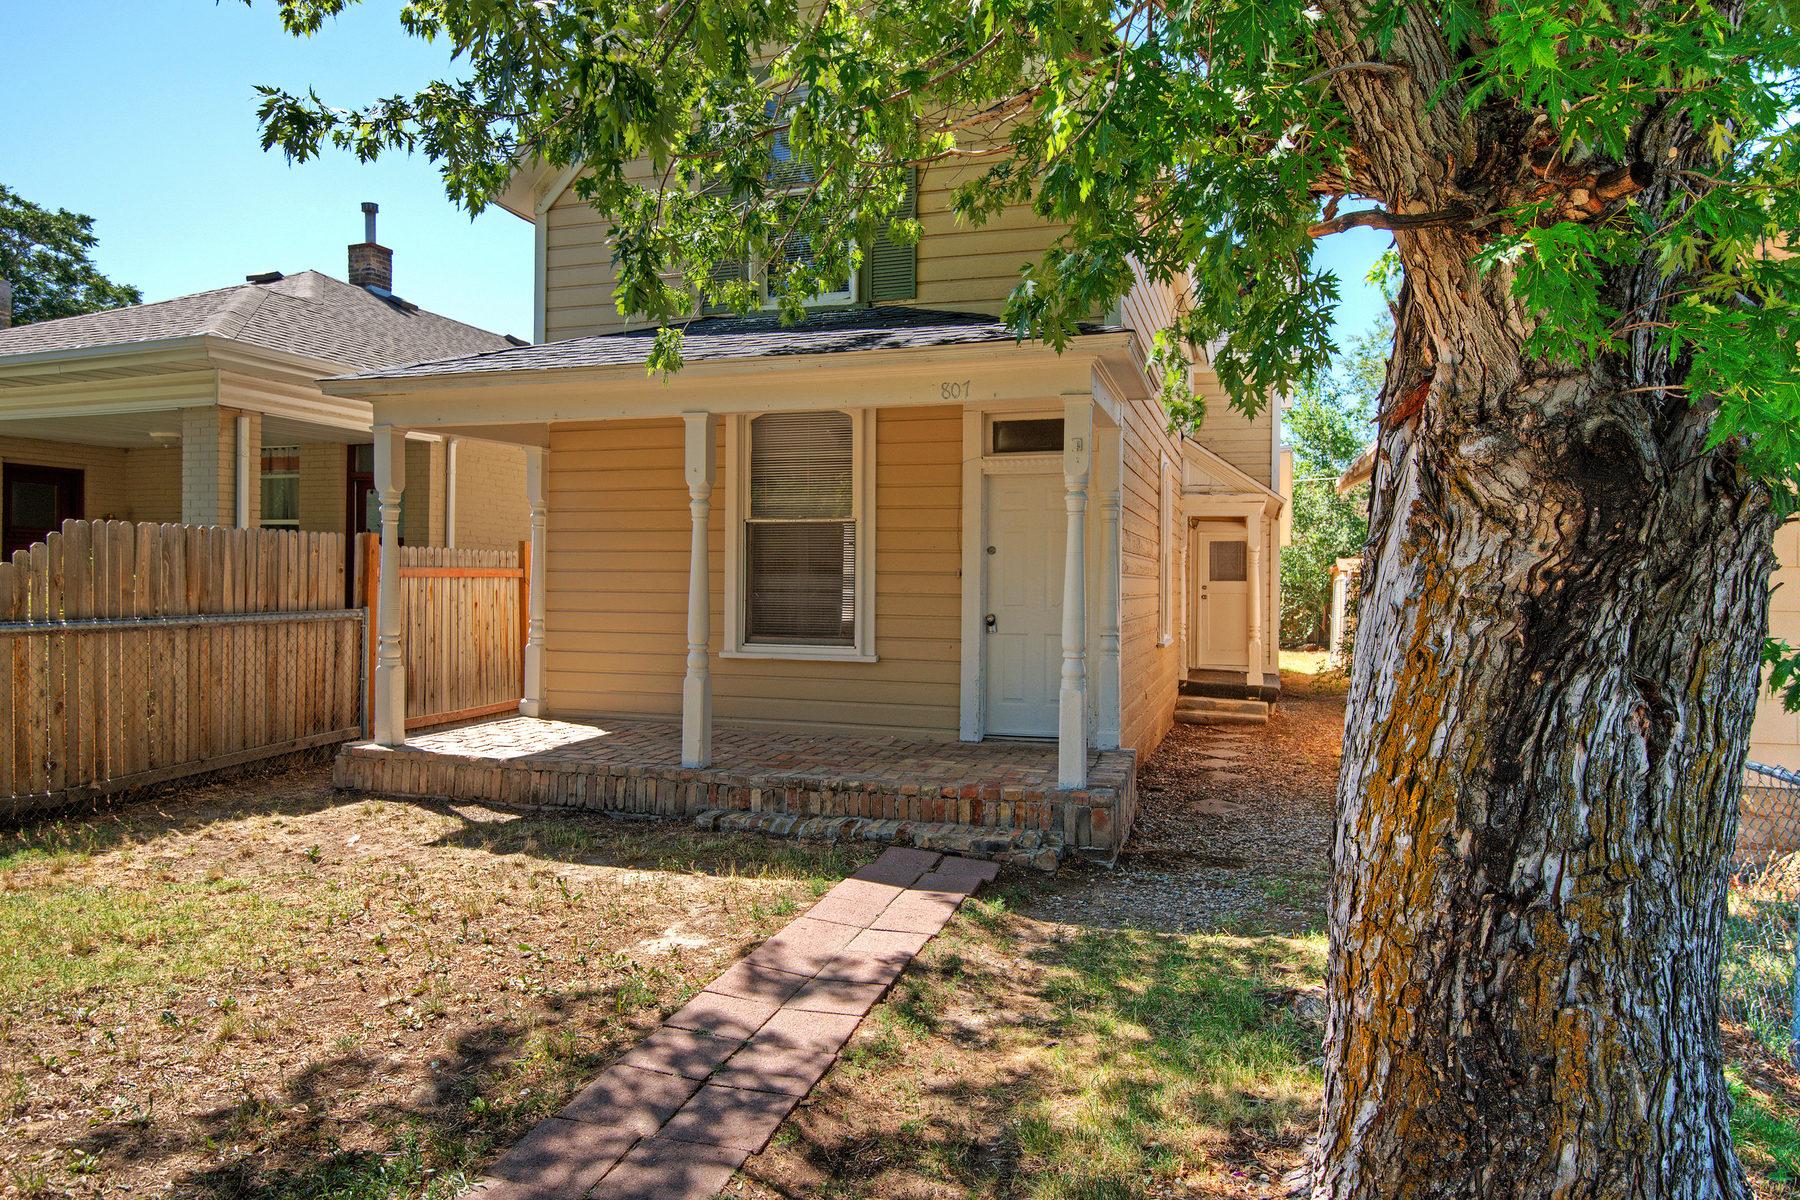 Nhà ở một gia đình vì Bán tại Excellent Investment Property 807 20th St Ogden, Utah 84401 Hoa Kỳ